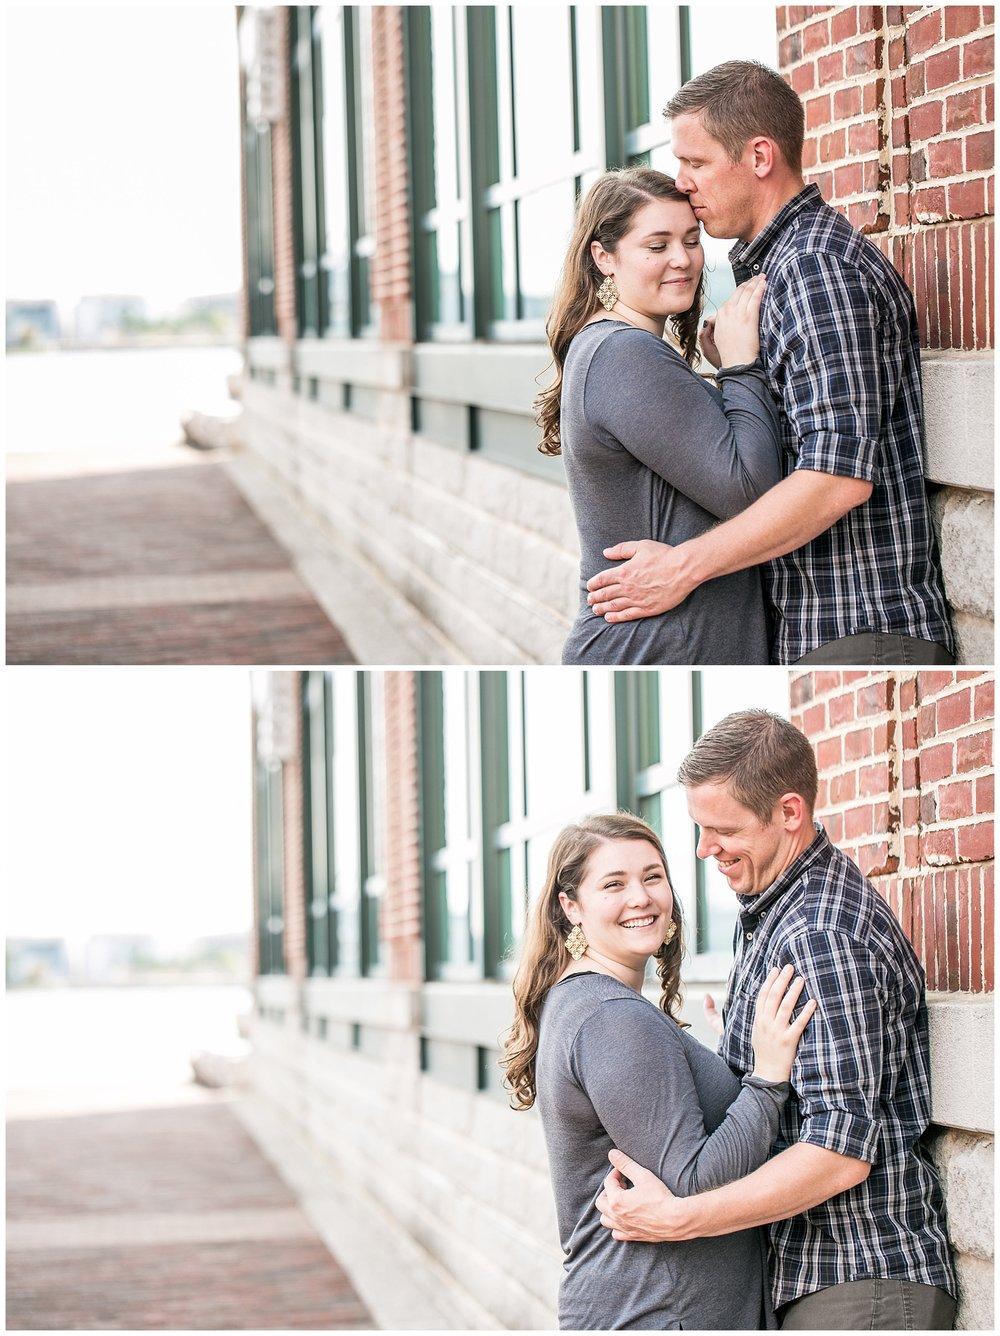 LaurenJamieFellsPointEngagementLivingRadiantPhotographyphotos_0026.jpg